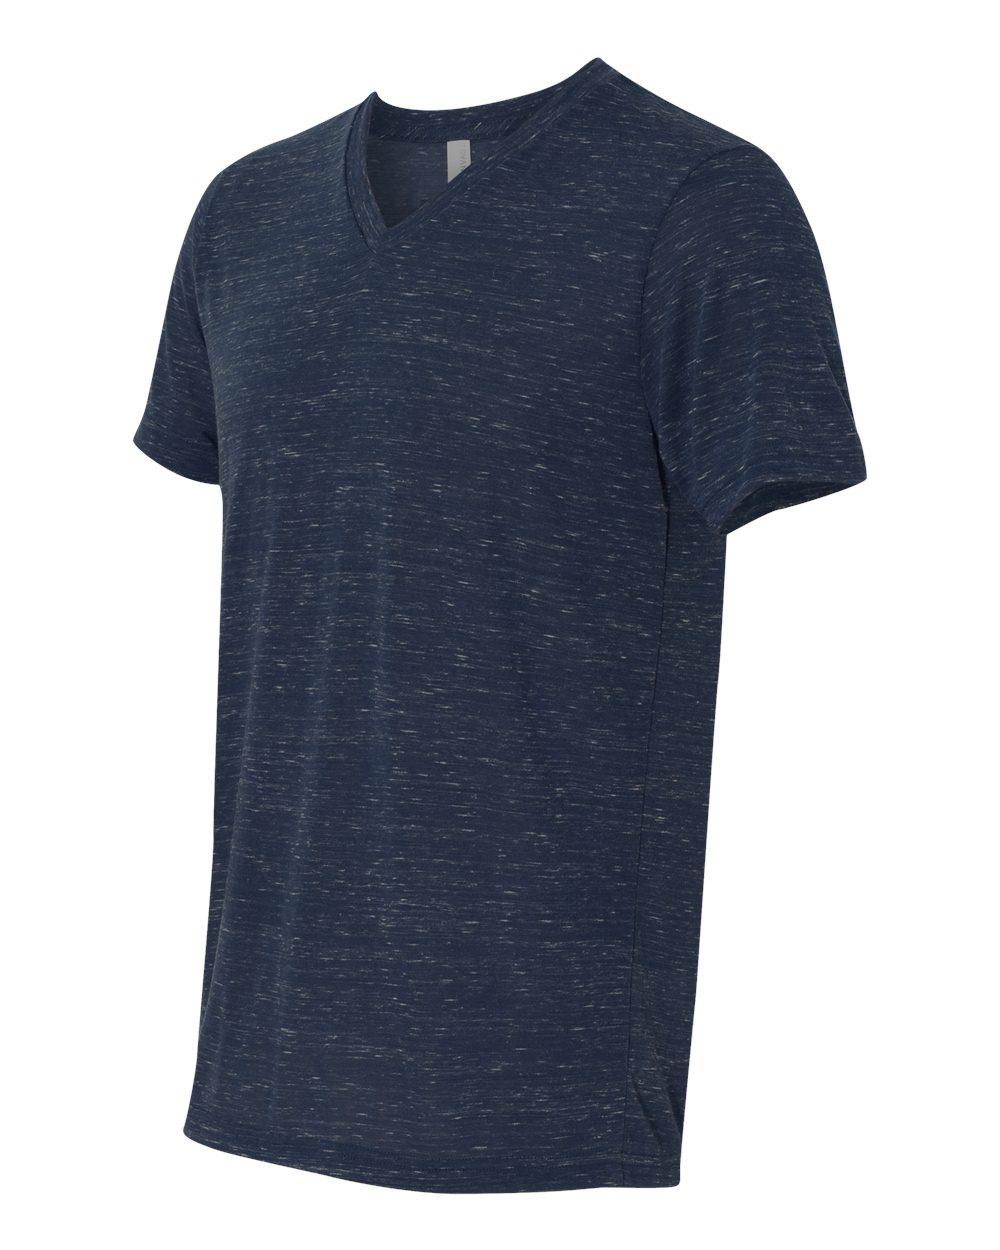 Bella-Canvas-Men-039-s-Jersey-Short-Sleeve-V-Neck-T-Shirt-3005-XS-3XL thumbnail 91